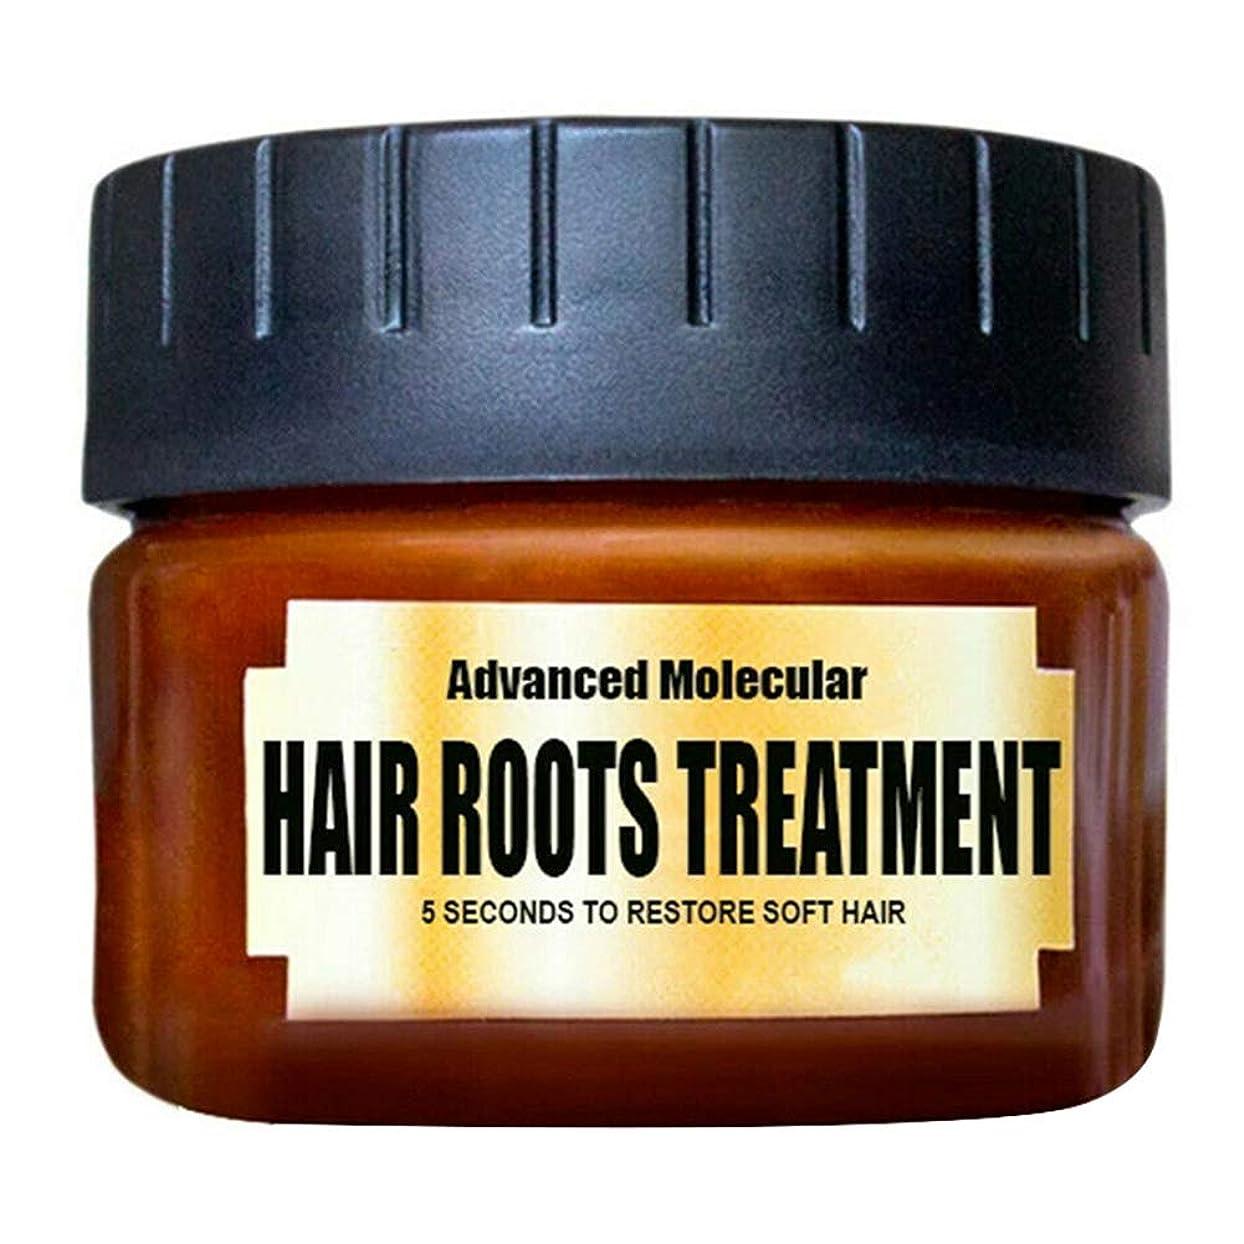 辛な姿を消す最もBTFirst ヘアルーツトリートメント健康的なソフトヘアケアエッセンスを修復柔らかい髪を取り戻す弾力性を取り戻し健康を取り戻し効果的で便利